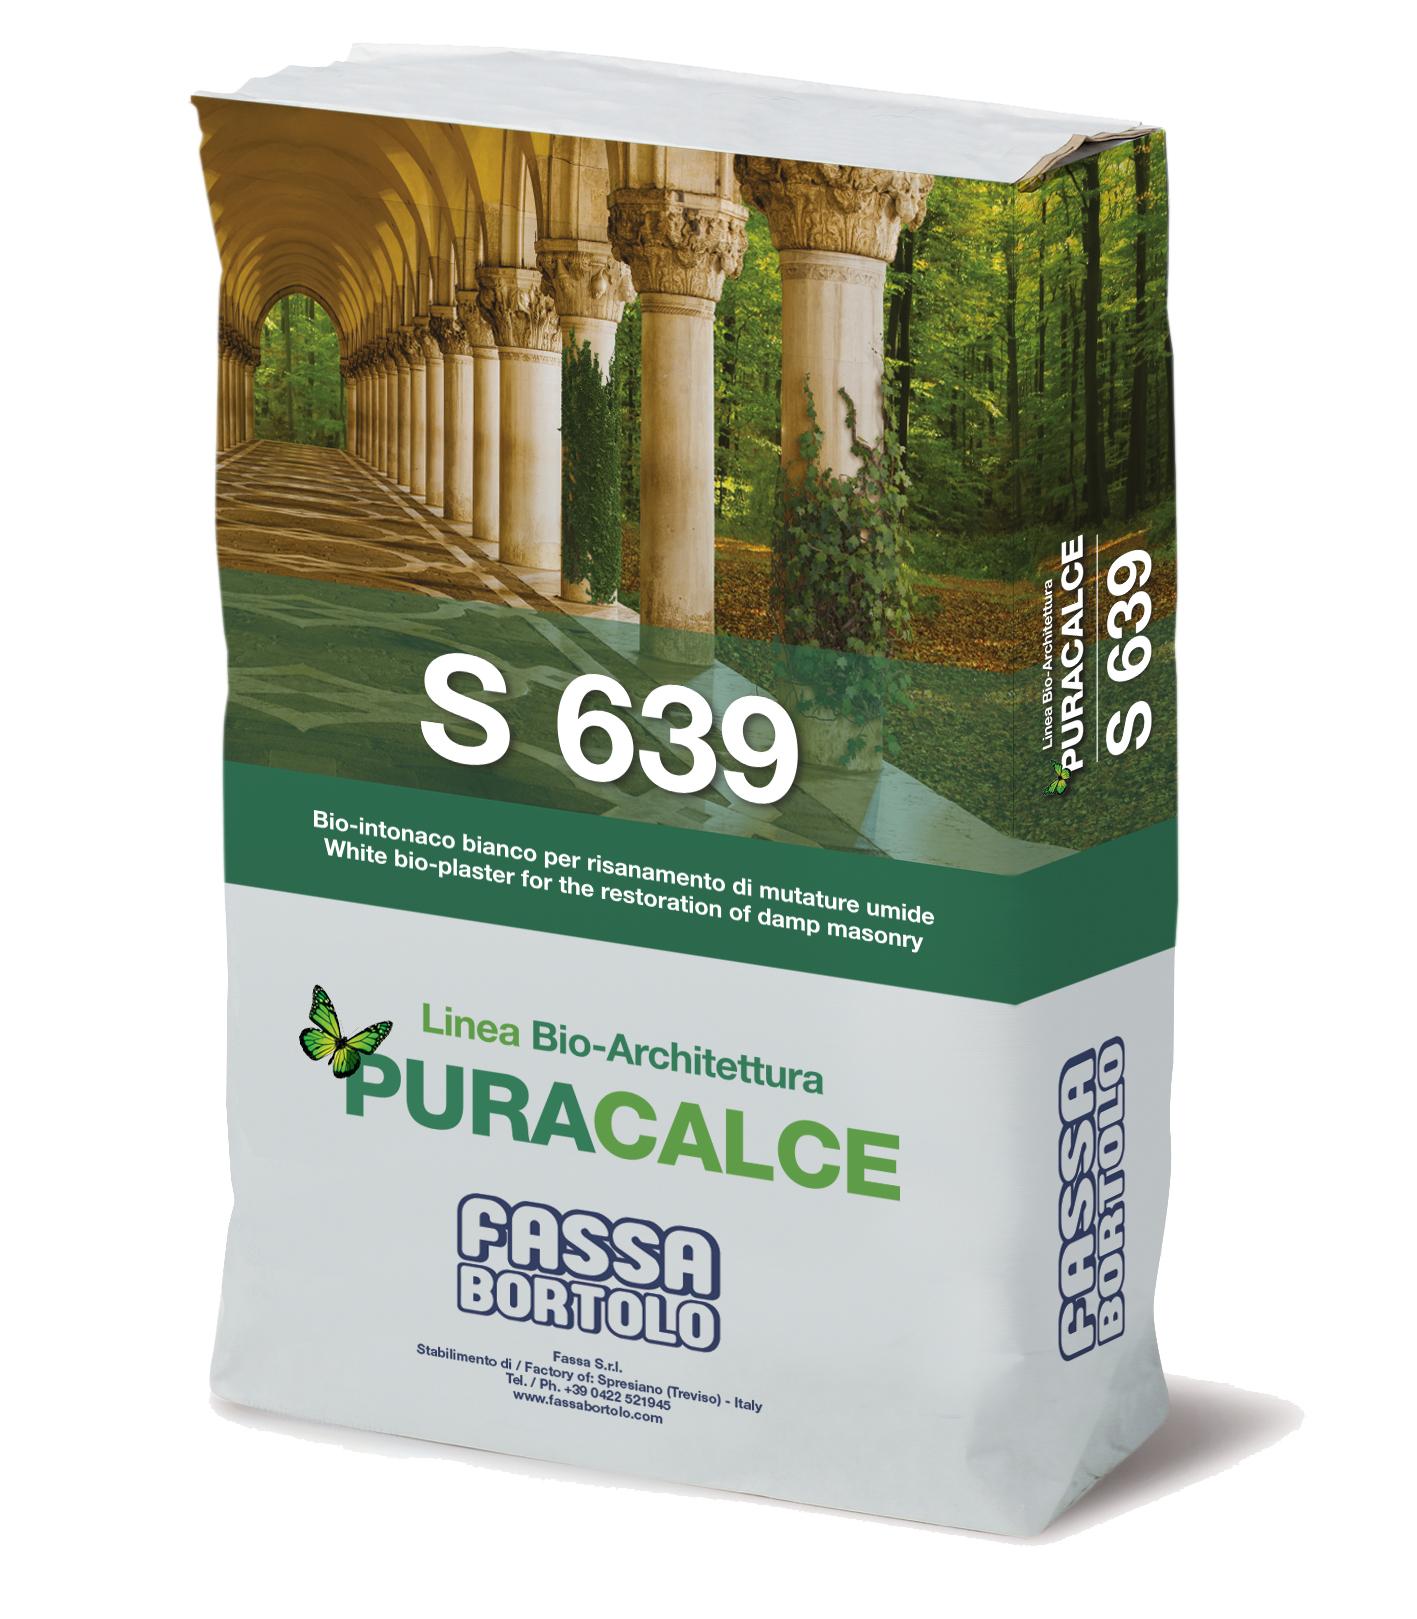 S 639: Bio-reboco macroporoso branco para o saneamento de paredes húmidas de efeito mármore, para interior e exterior